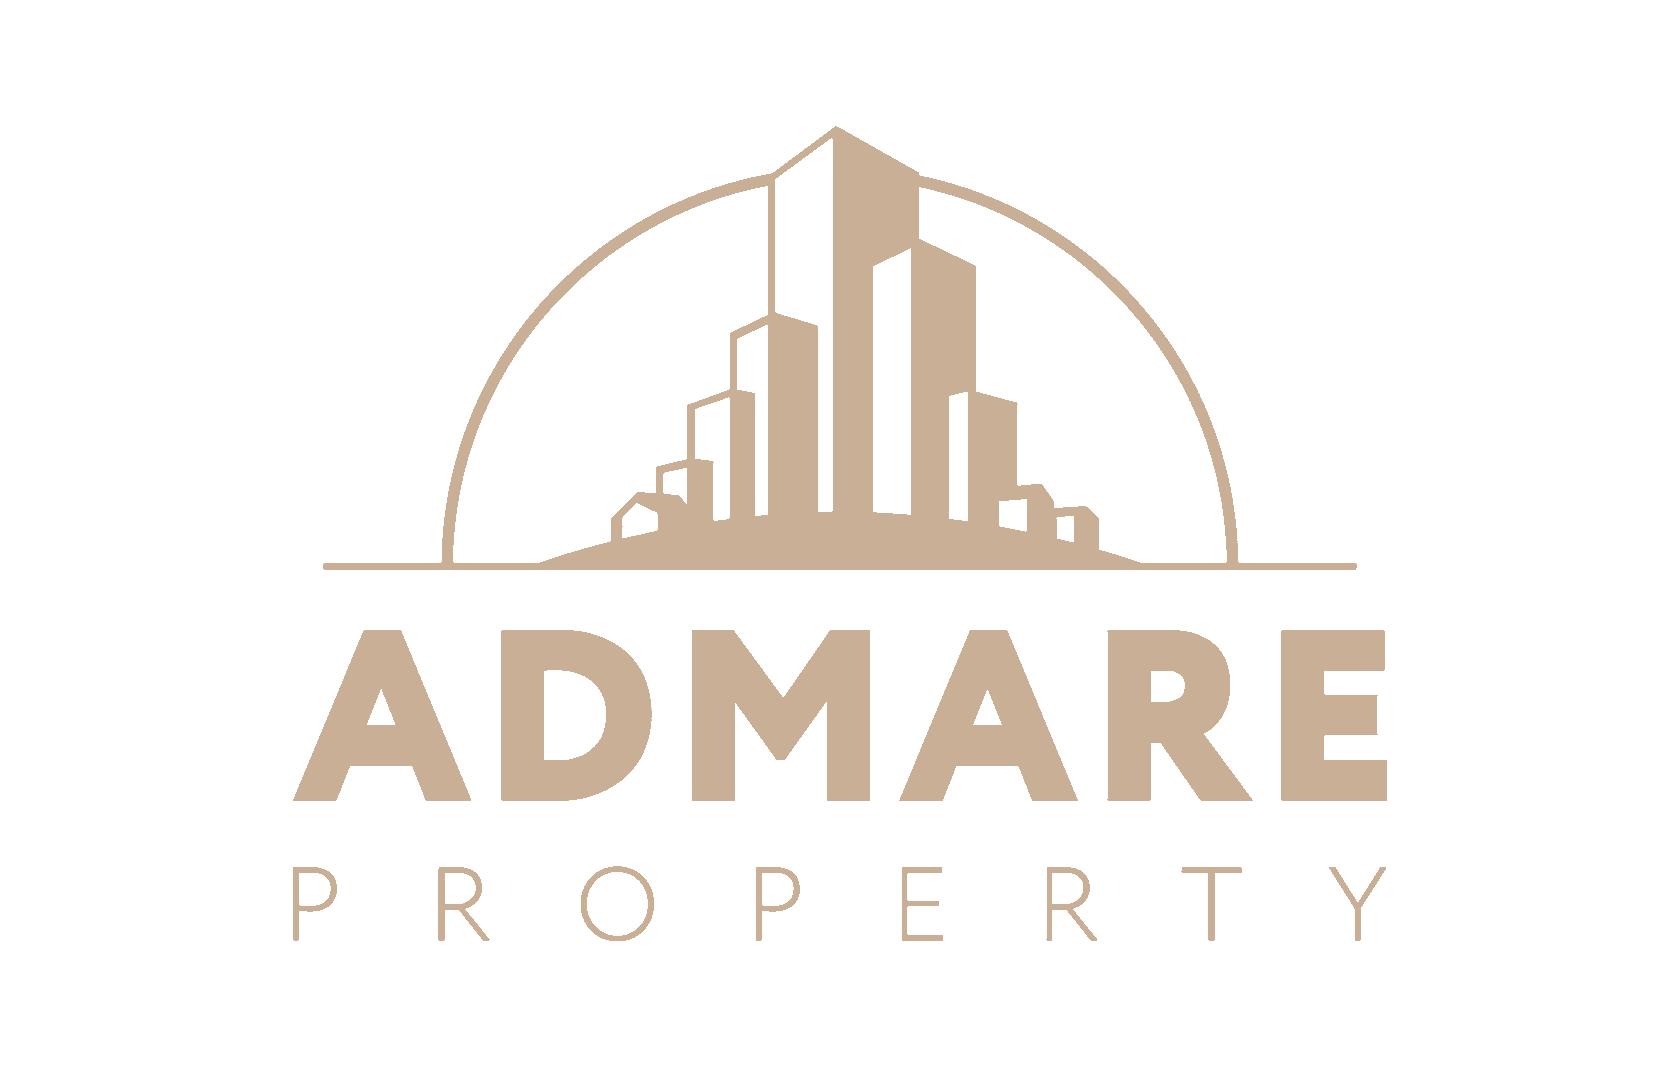 Admare Property